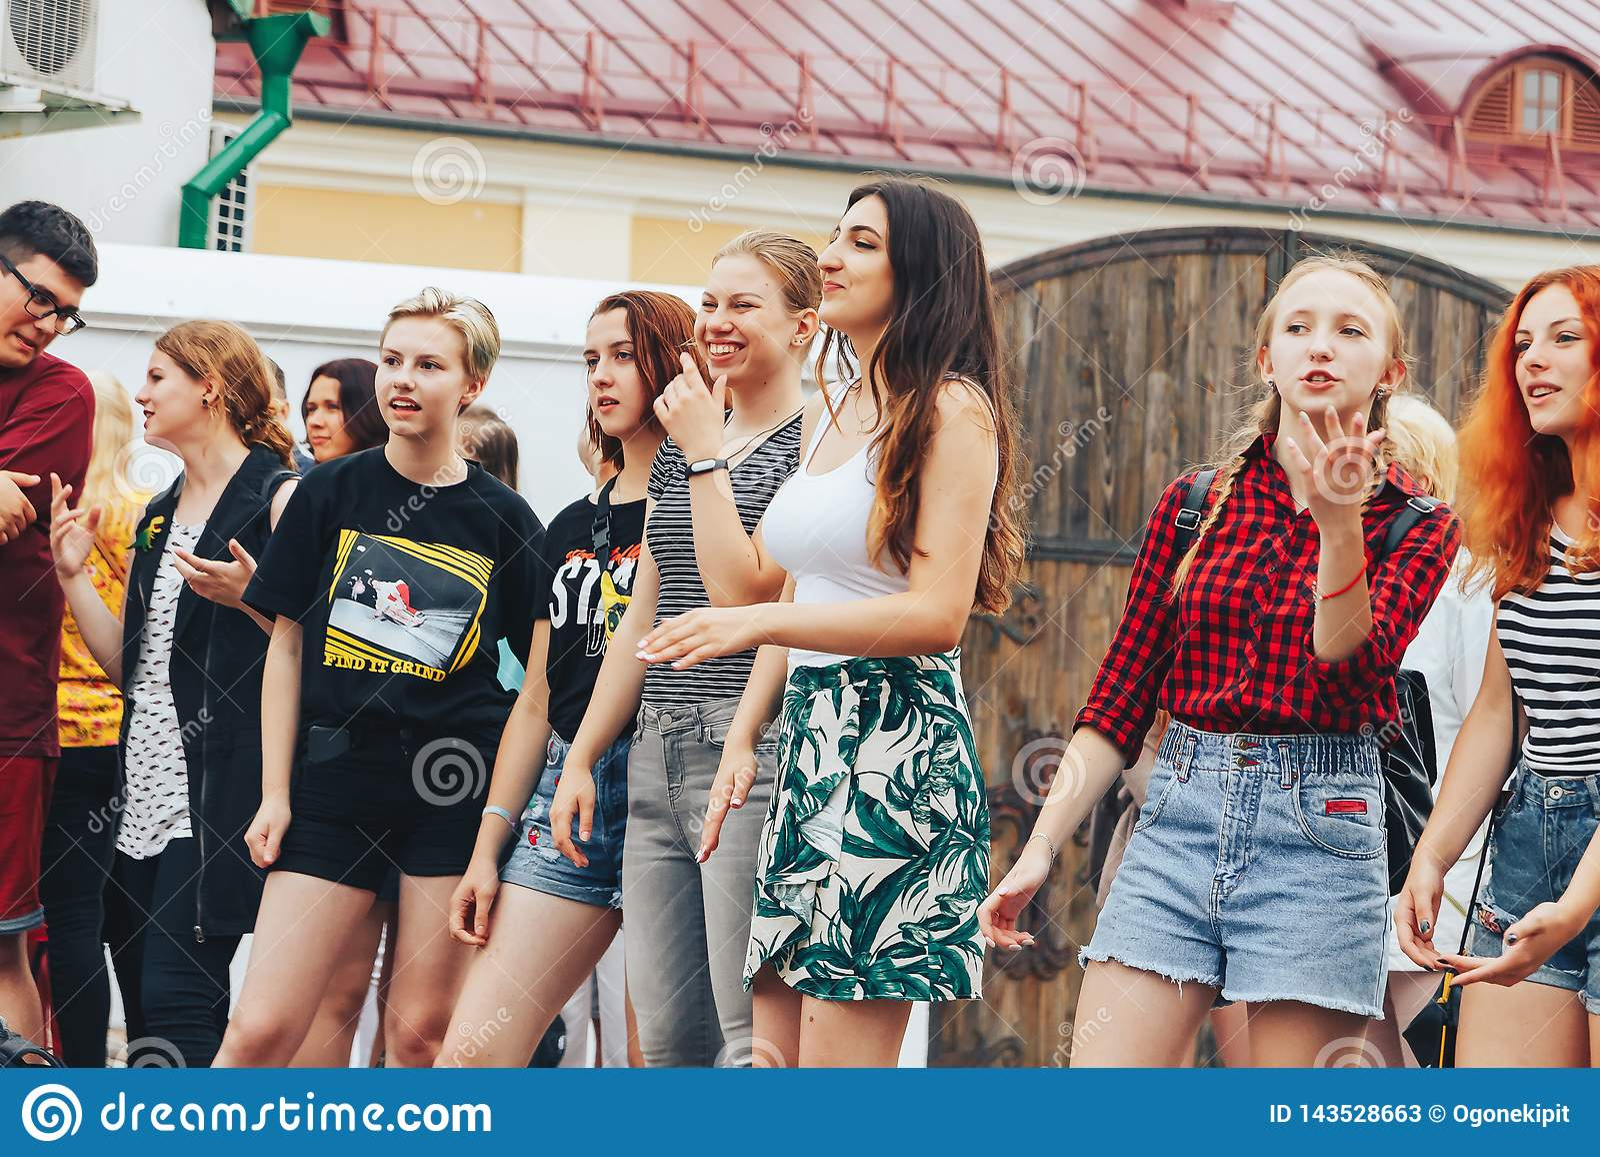 Girls minsk belarus Marriage agency